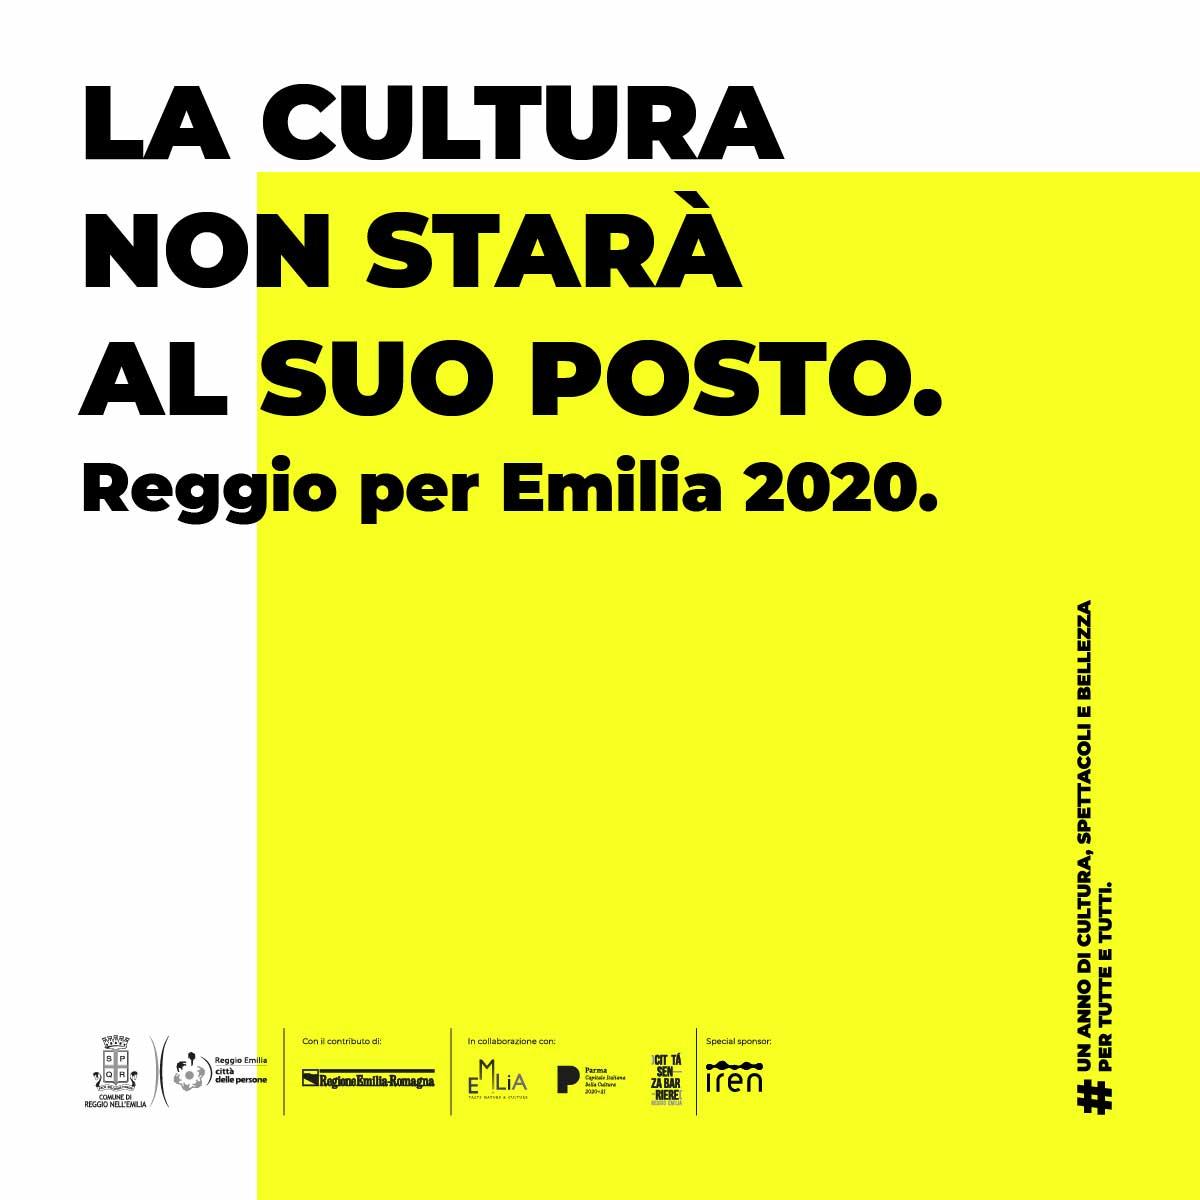 Reggio per EMILIA 2020 Happy Minds evidenza